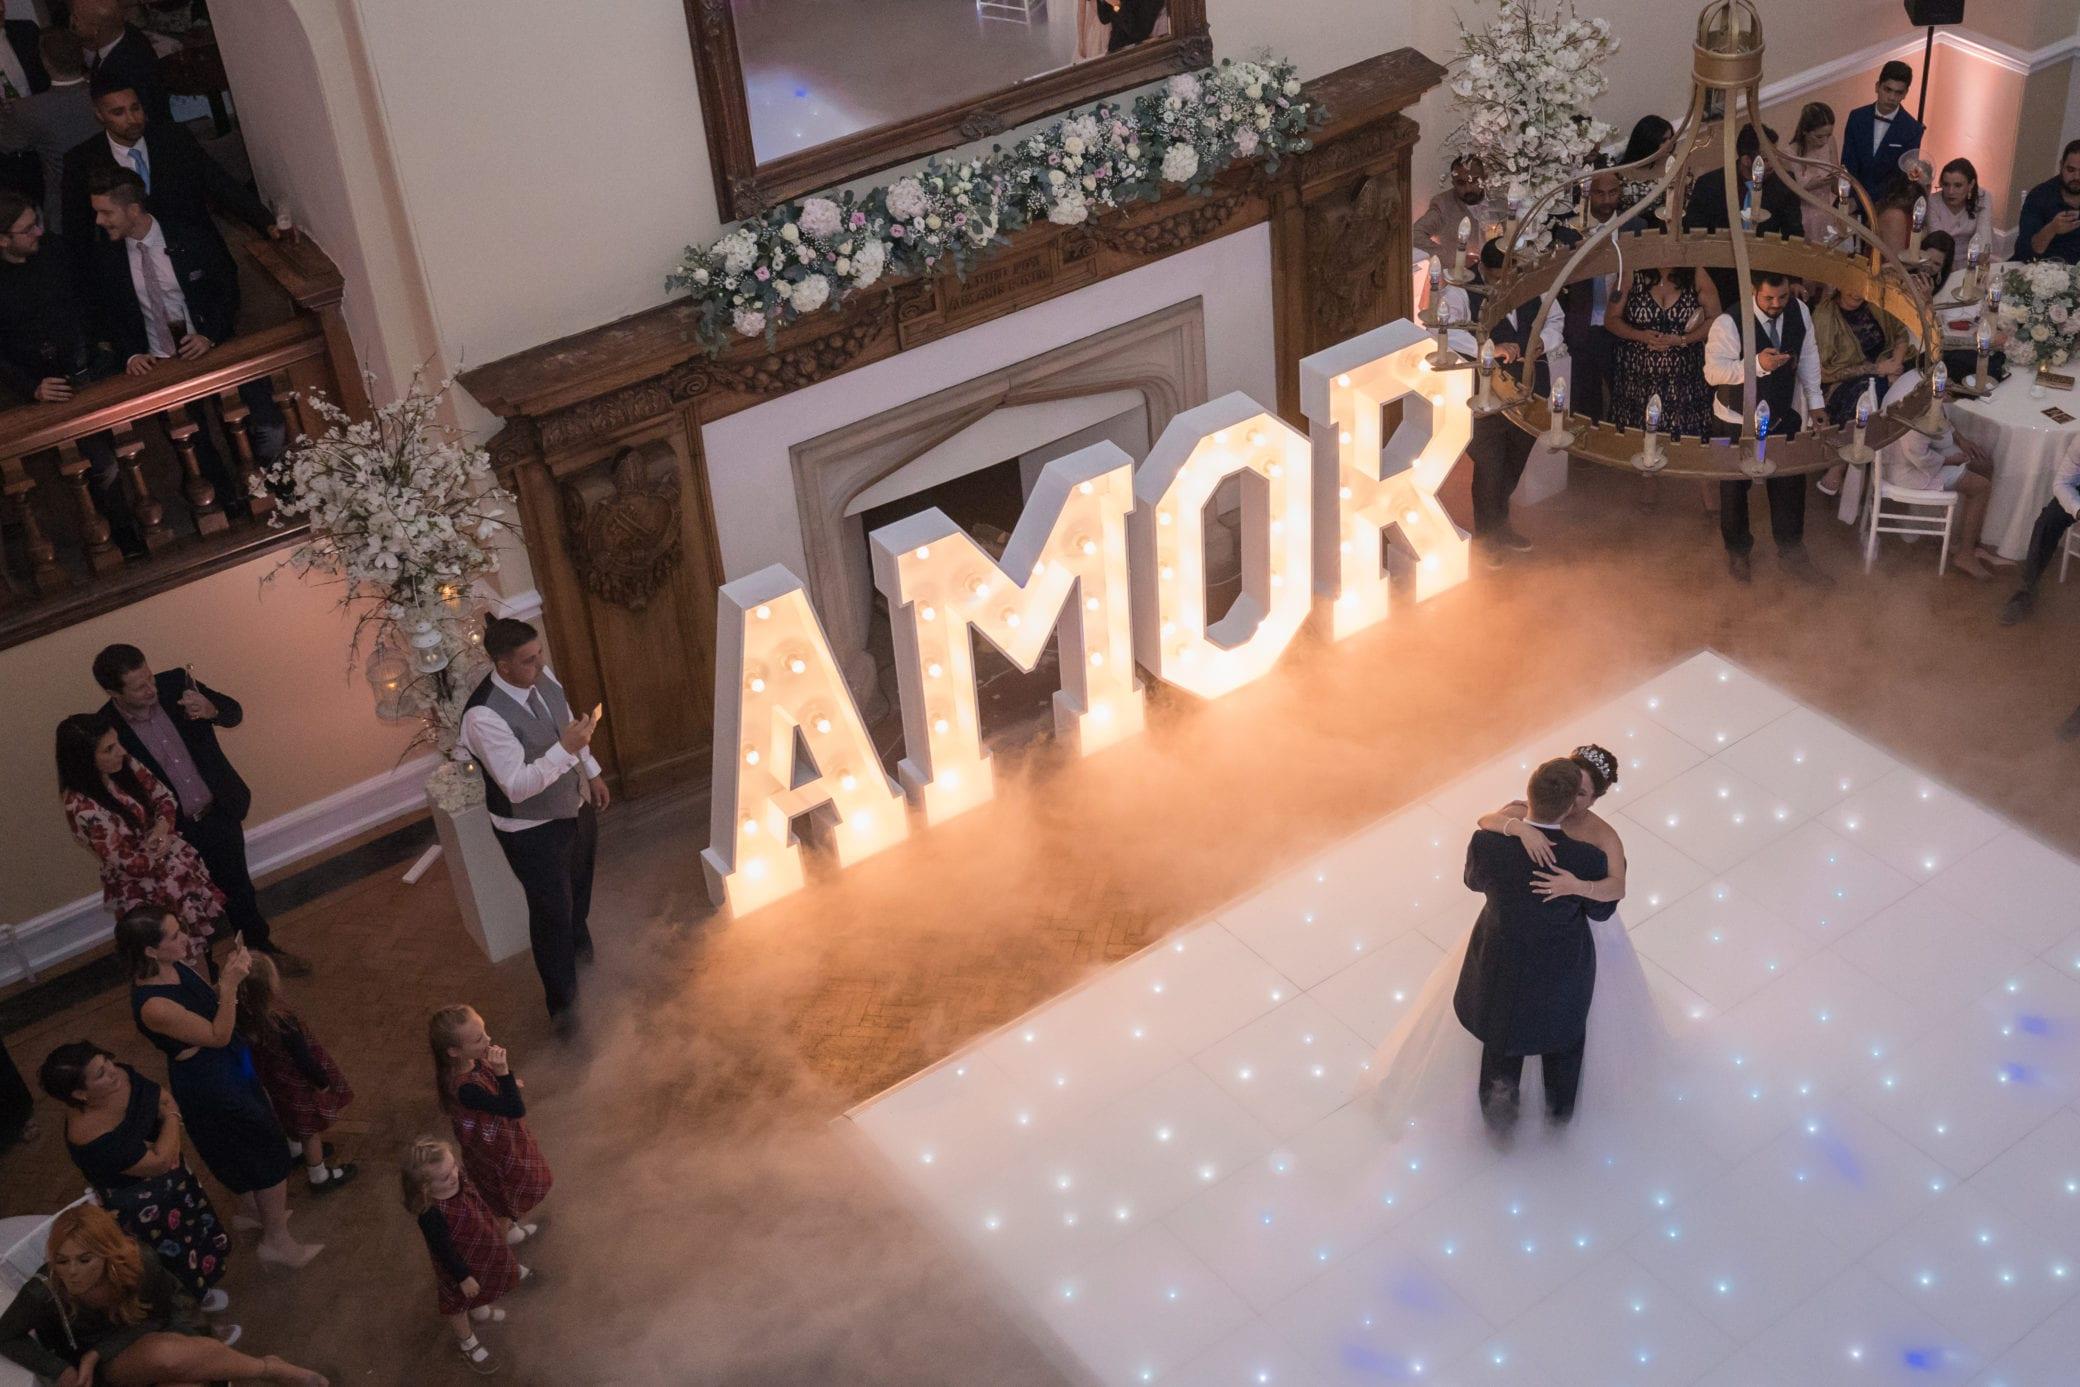 White dance floor wedding reception at Farnham Castle